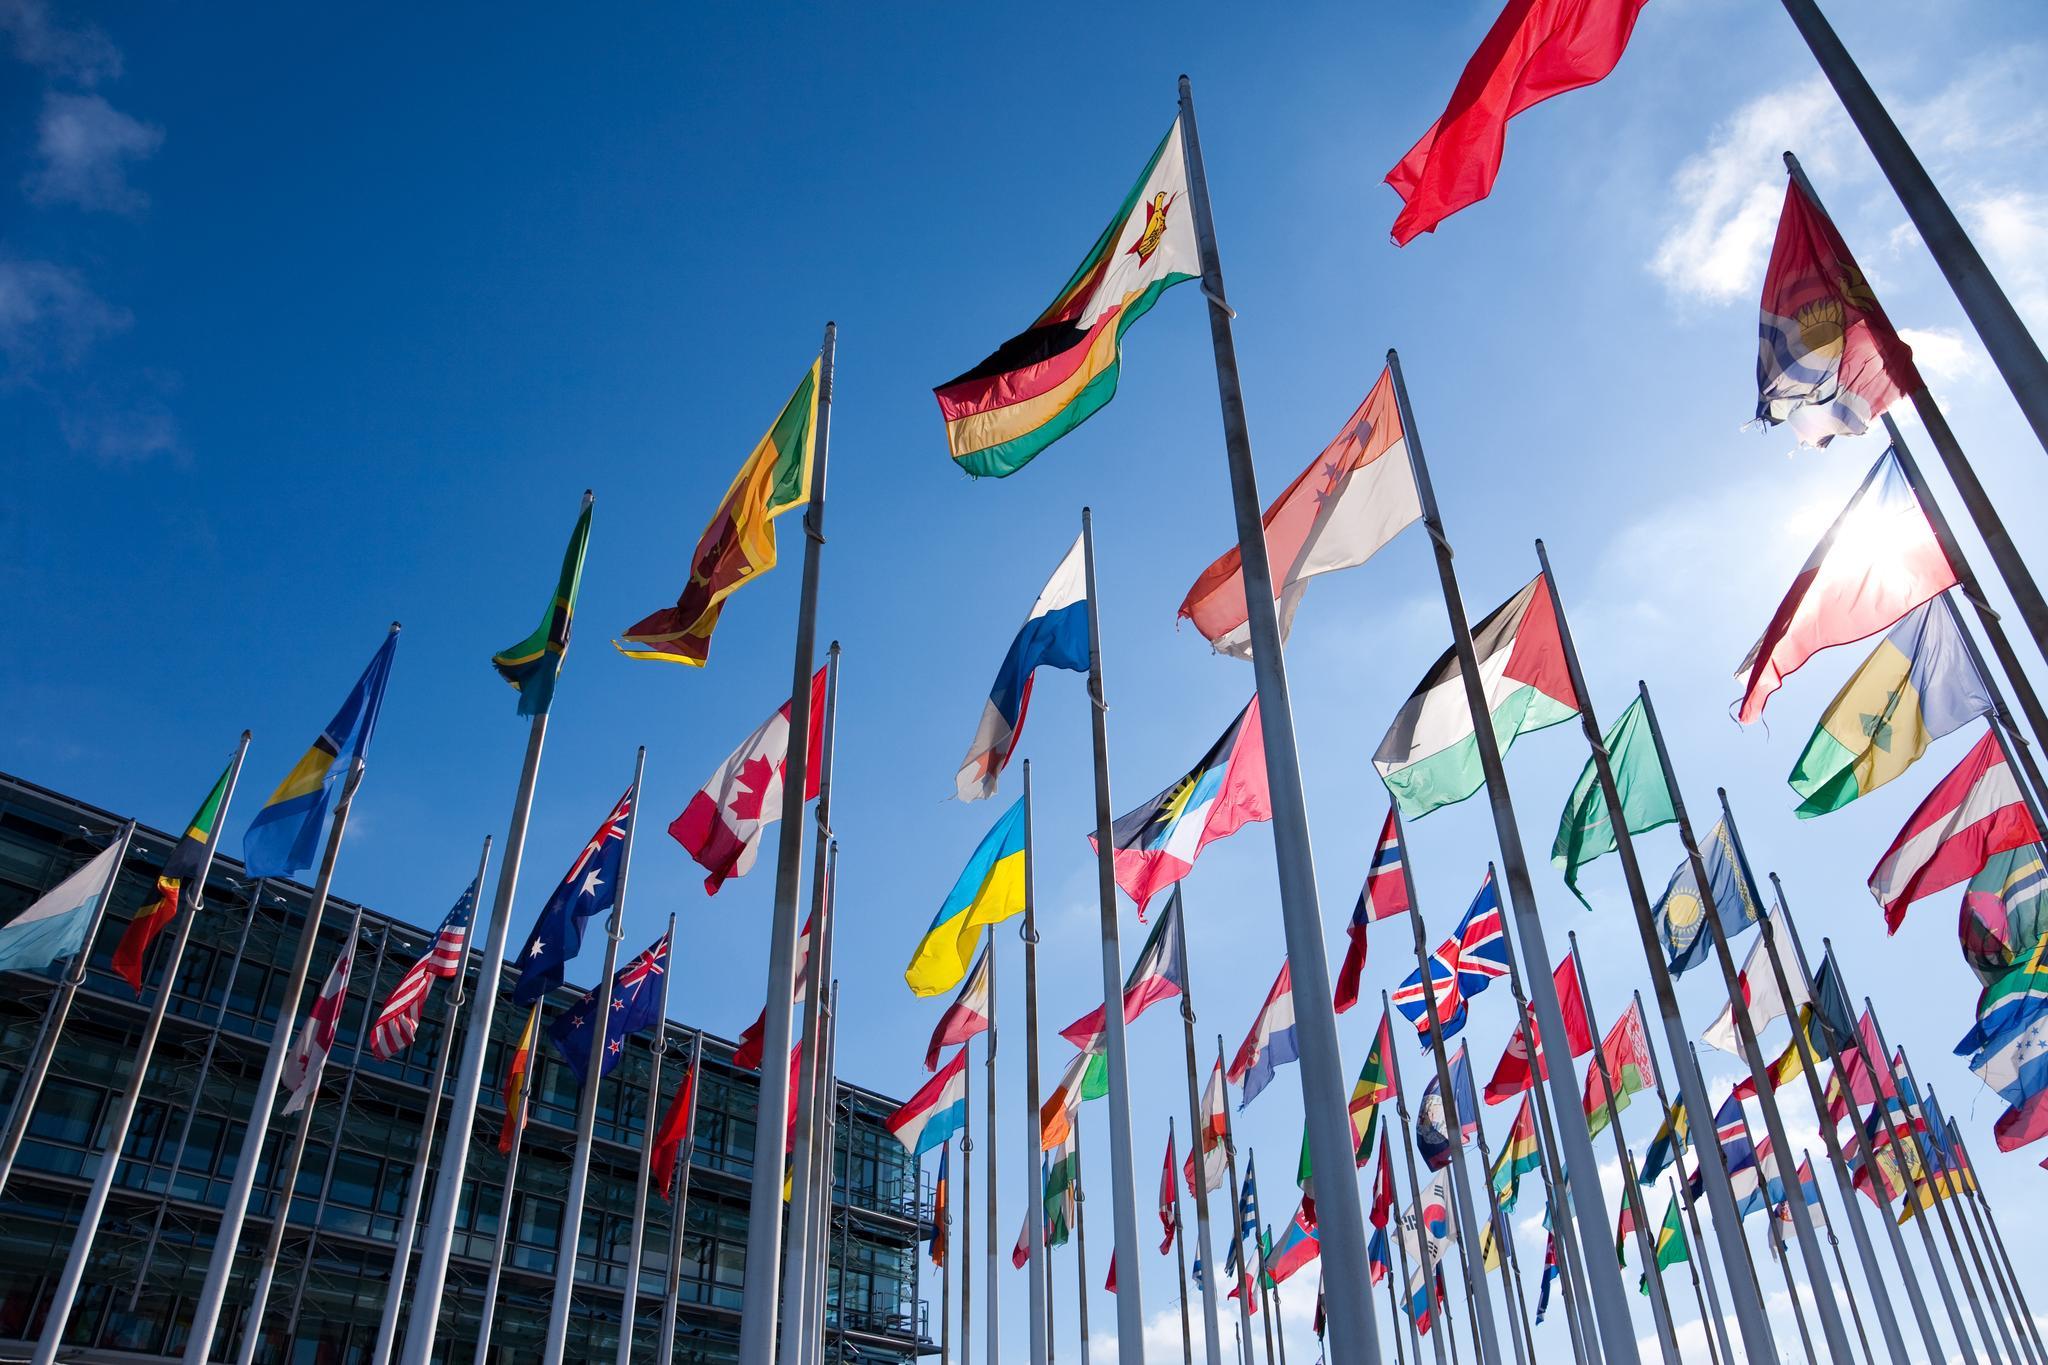 Fahnenmasten mit internationalen Flaggen vor blauem Himmel